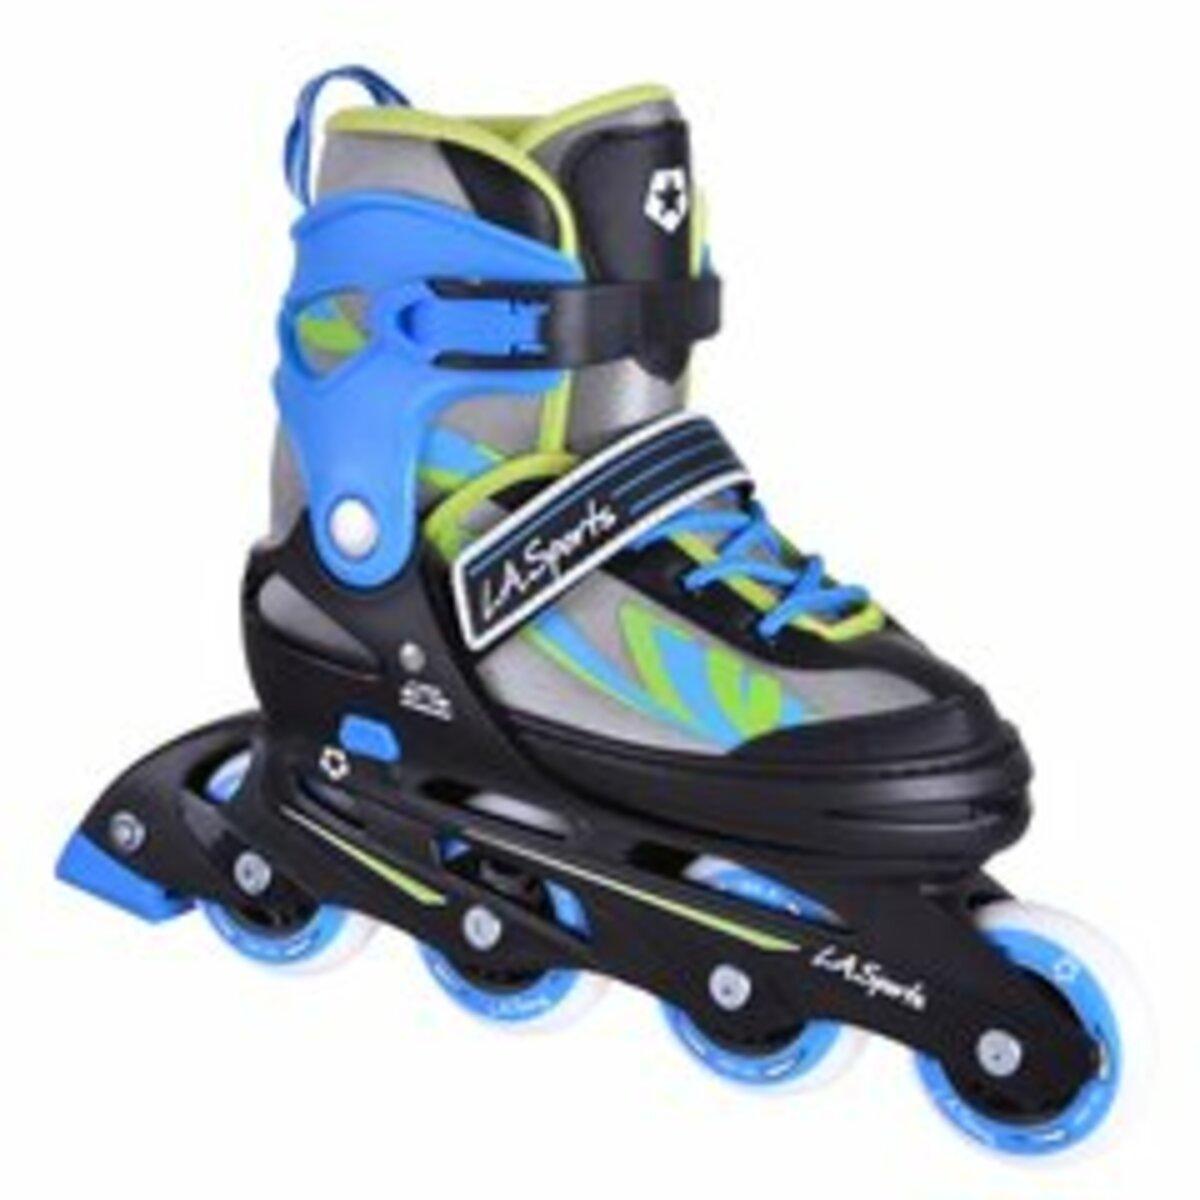 Bild 2 von Inline Skates Gr. 26-30, blau